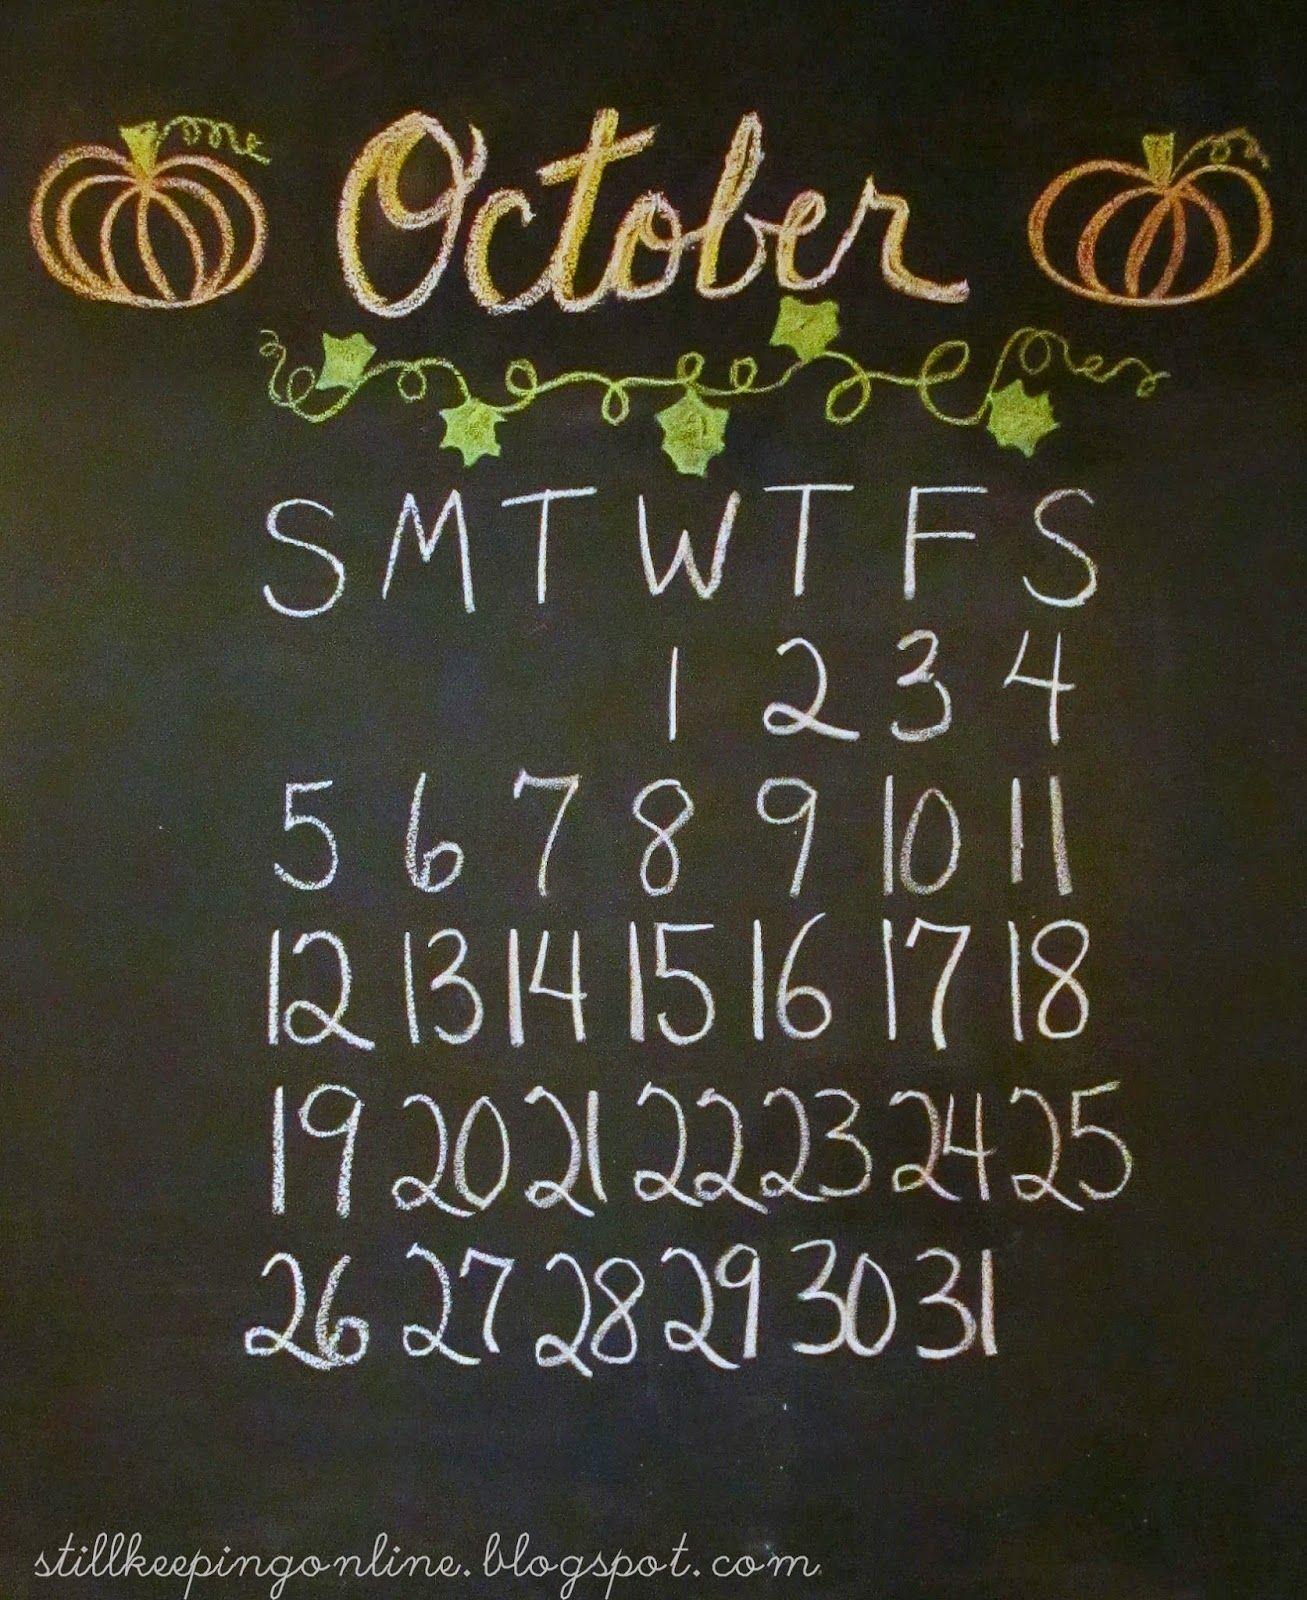 Calener October: Still Keeping On The Narrow Way: The October Calendar